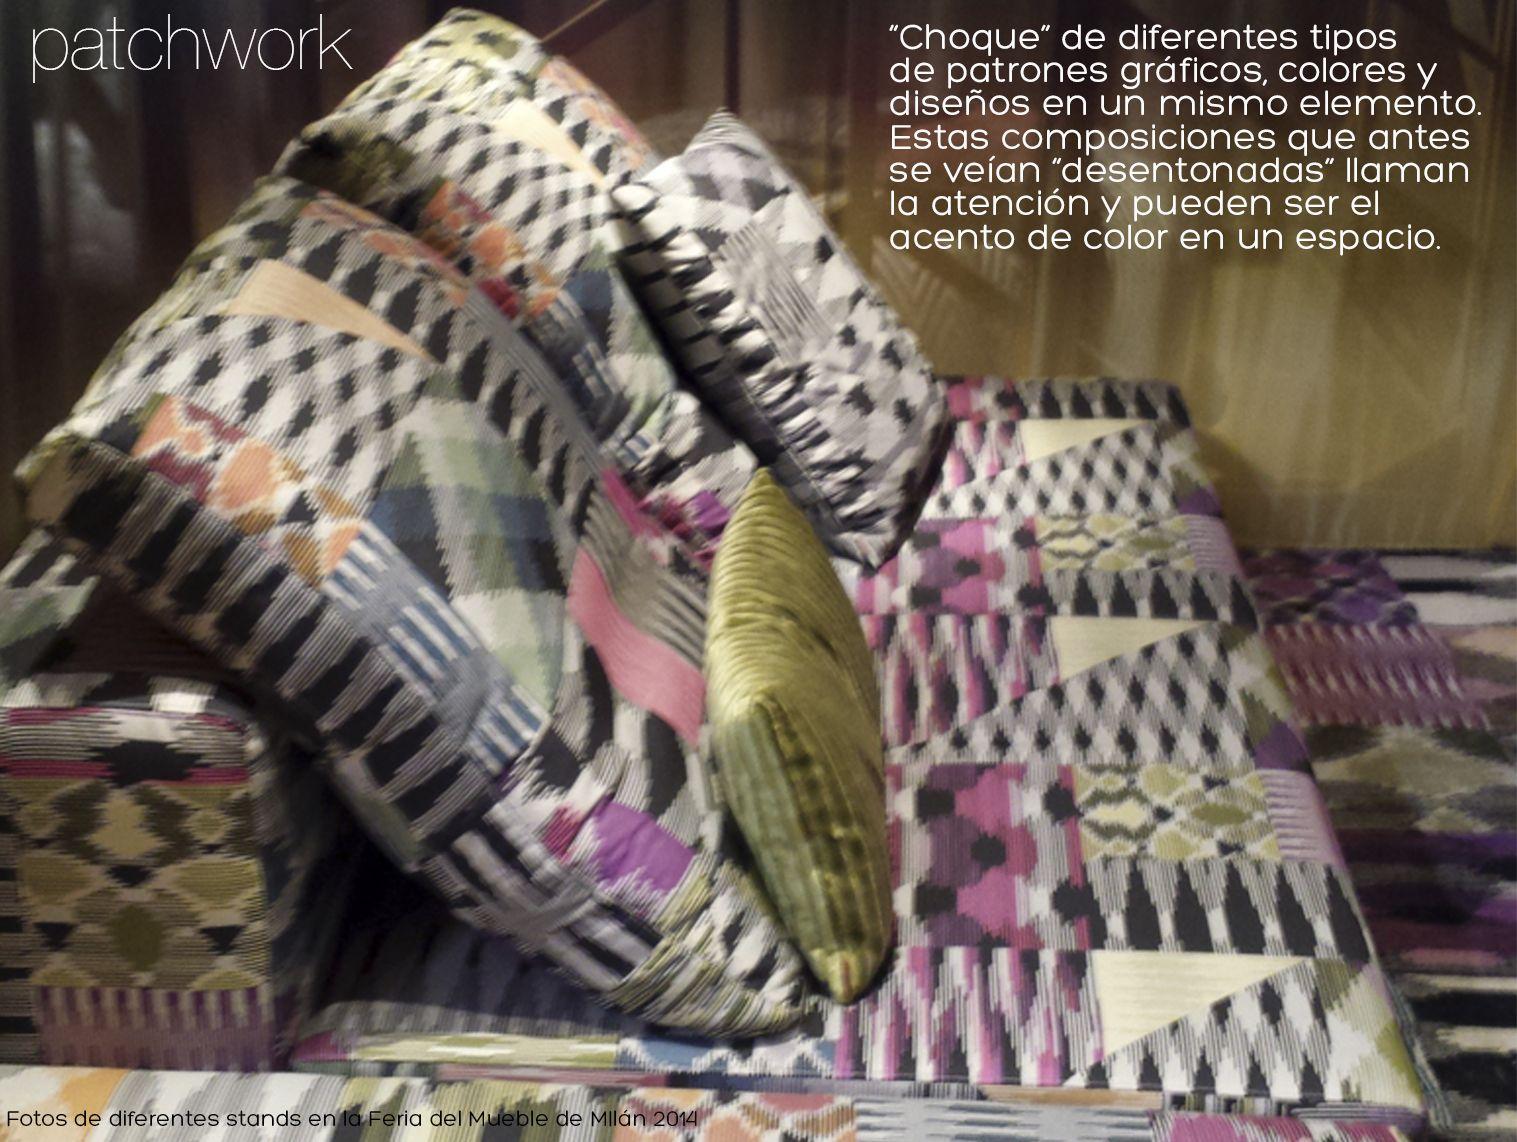 Patchwork - combinación de varios patrones gráficos en un mismo diseño, en un mismo ambiente. Concepto de Colcha de retazos  #milan2014 #patterns